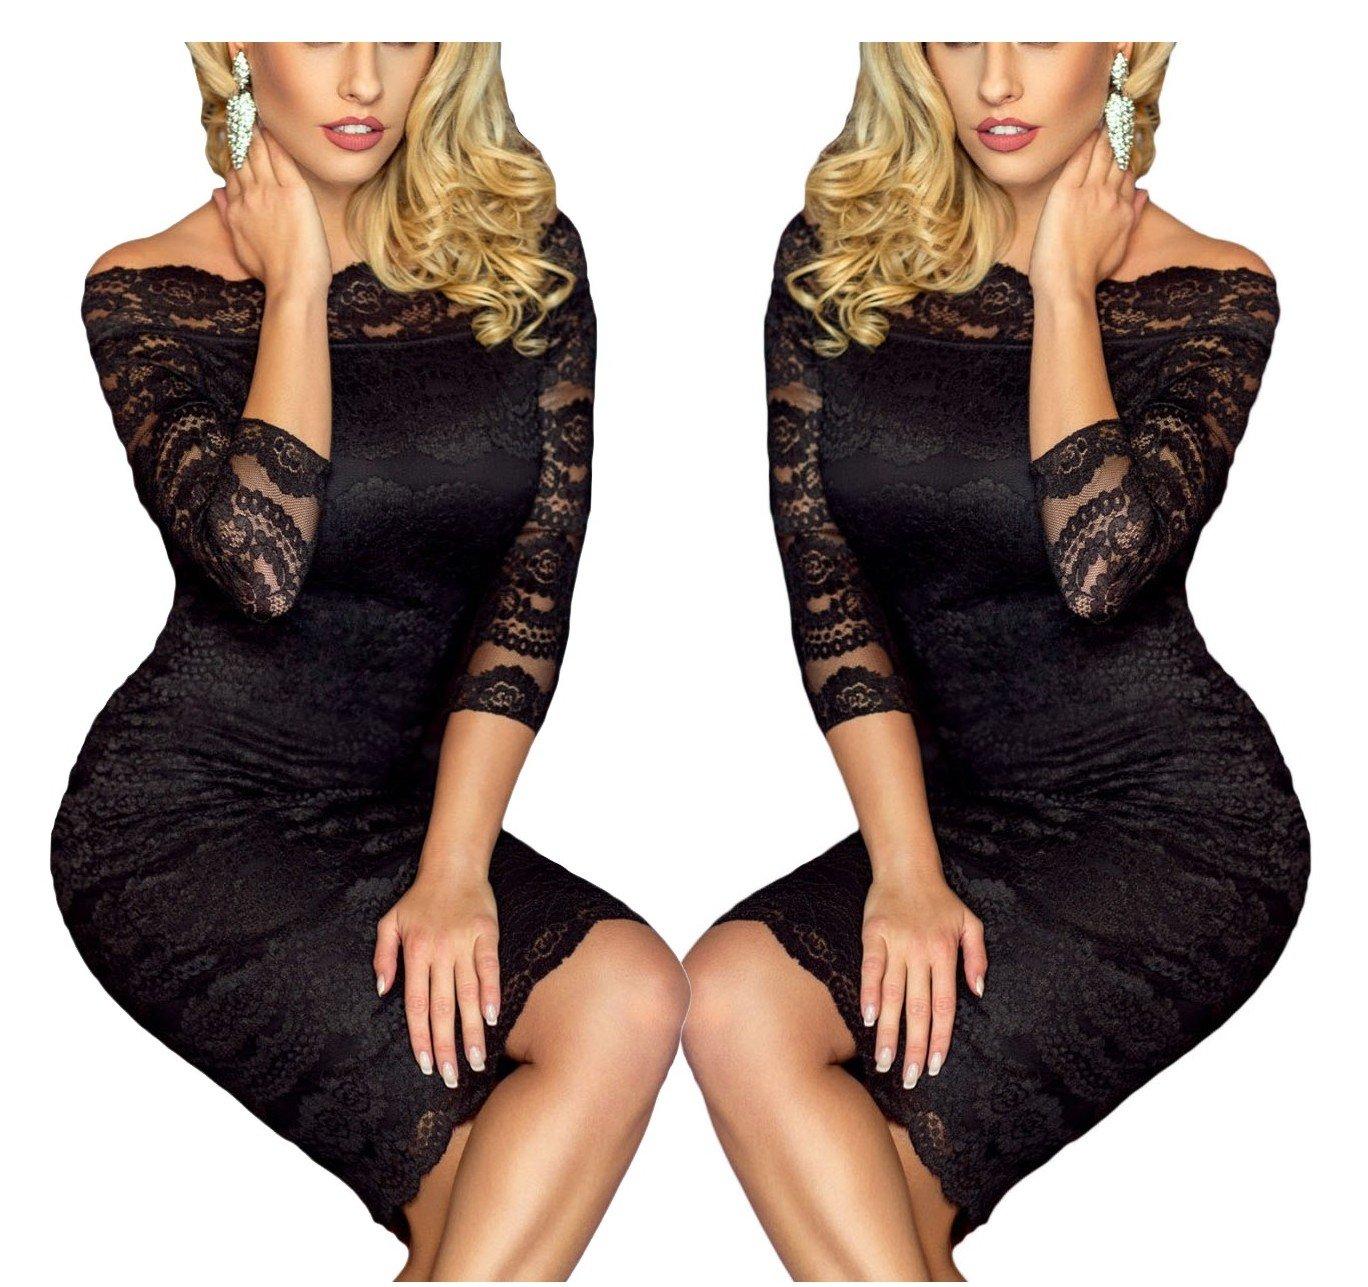 524add9d30 Sukienka koronkowa duże rozmiary 1291 czarna tu 42 7079890468 - Allegro.pl